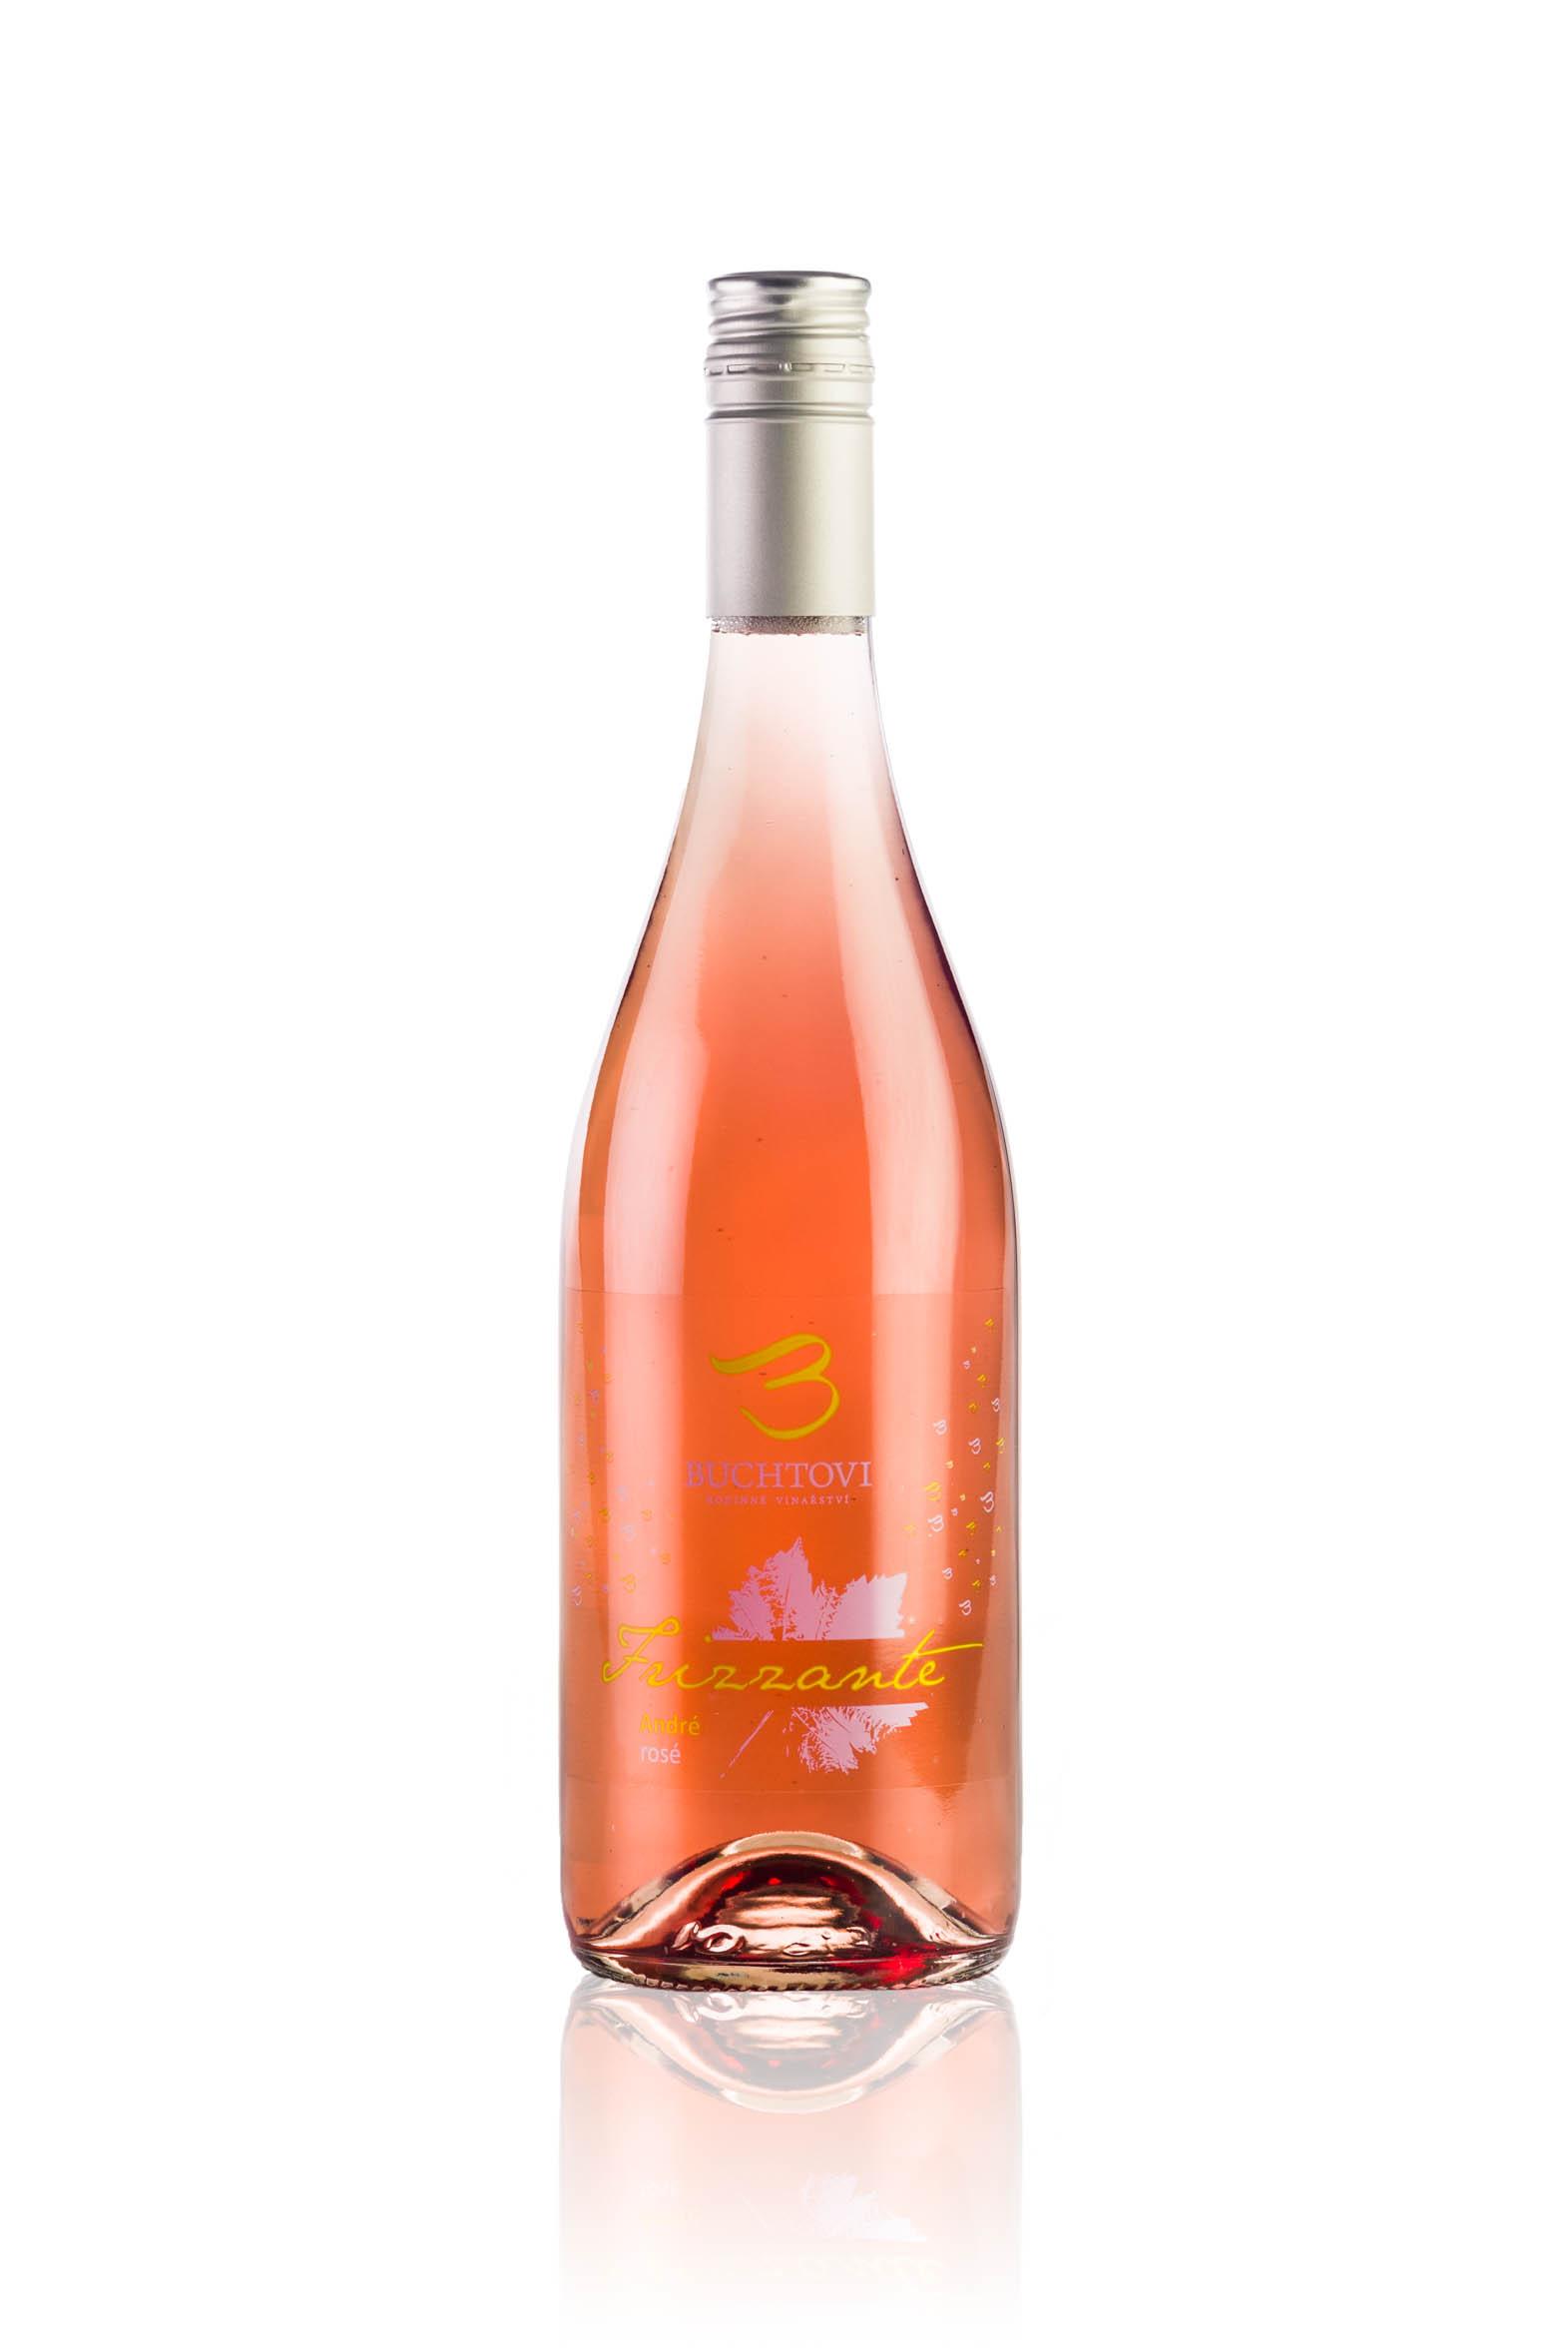 produkt_André Frizzante rosé r. 2015